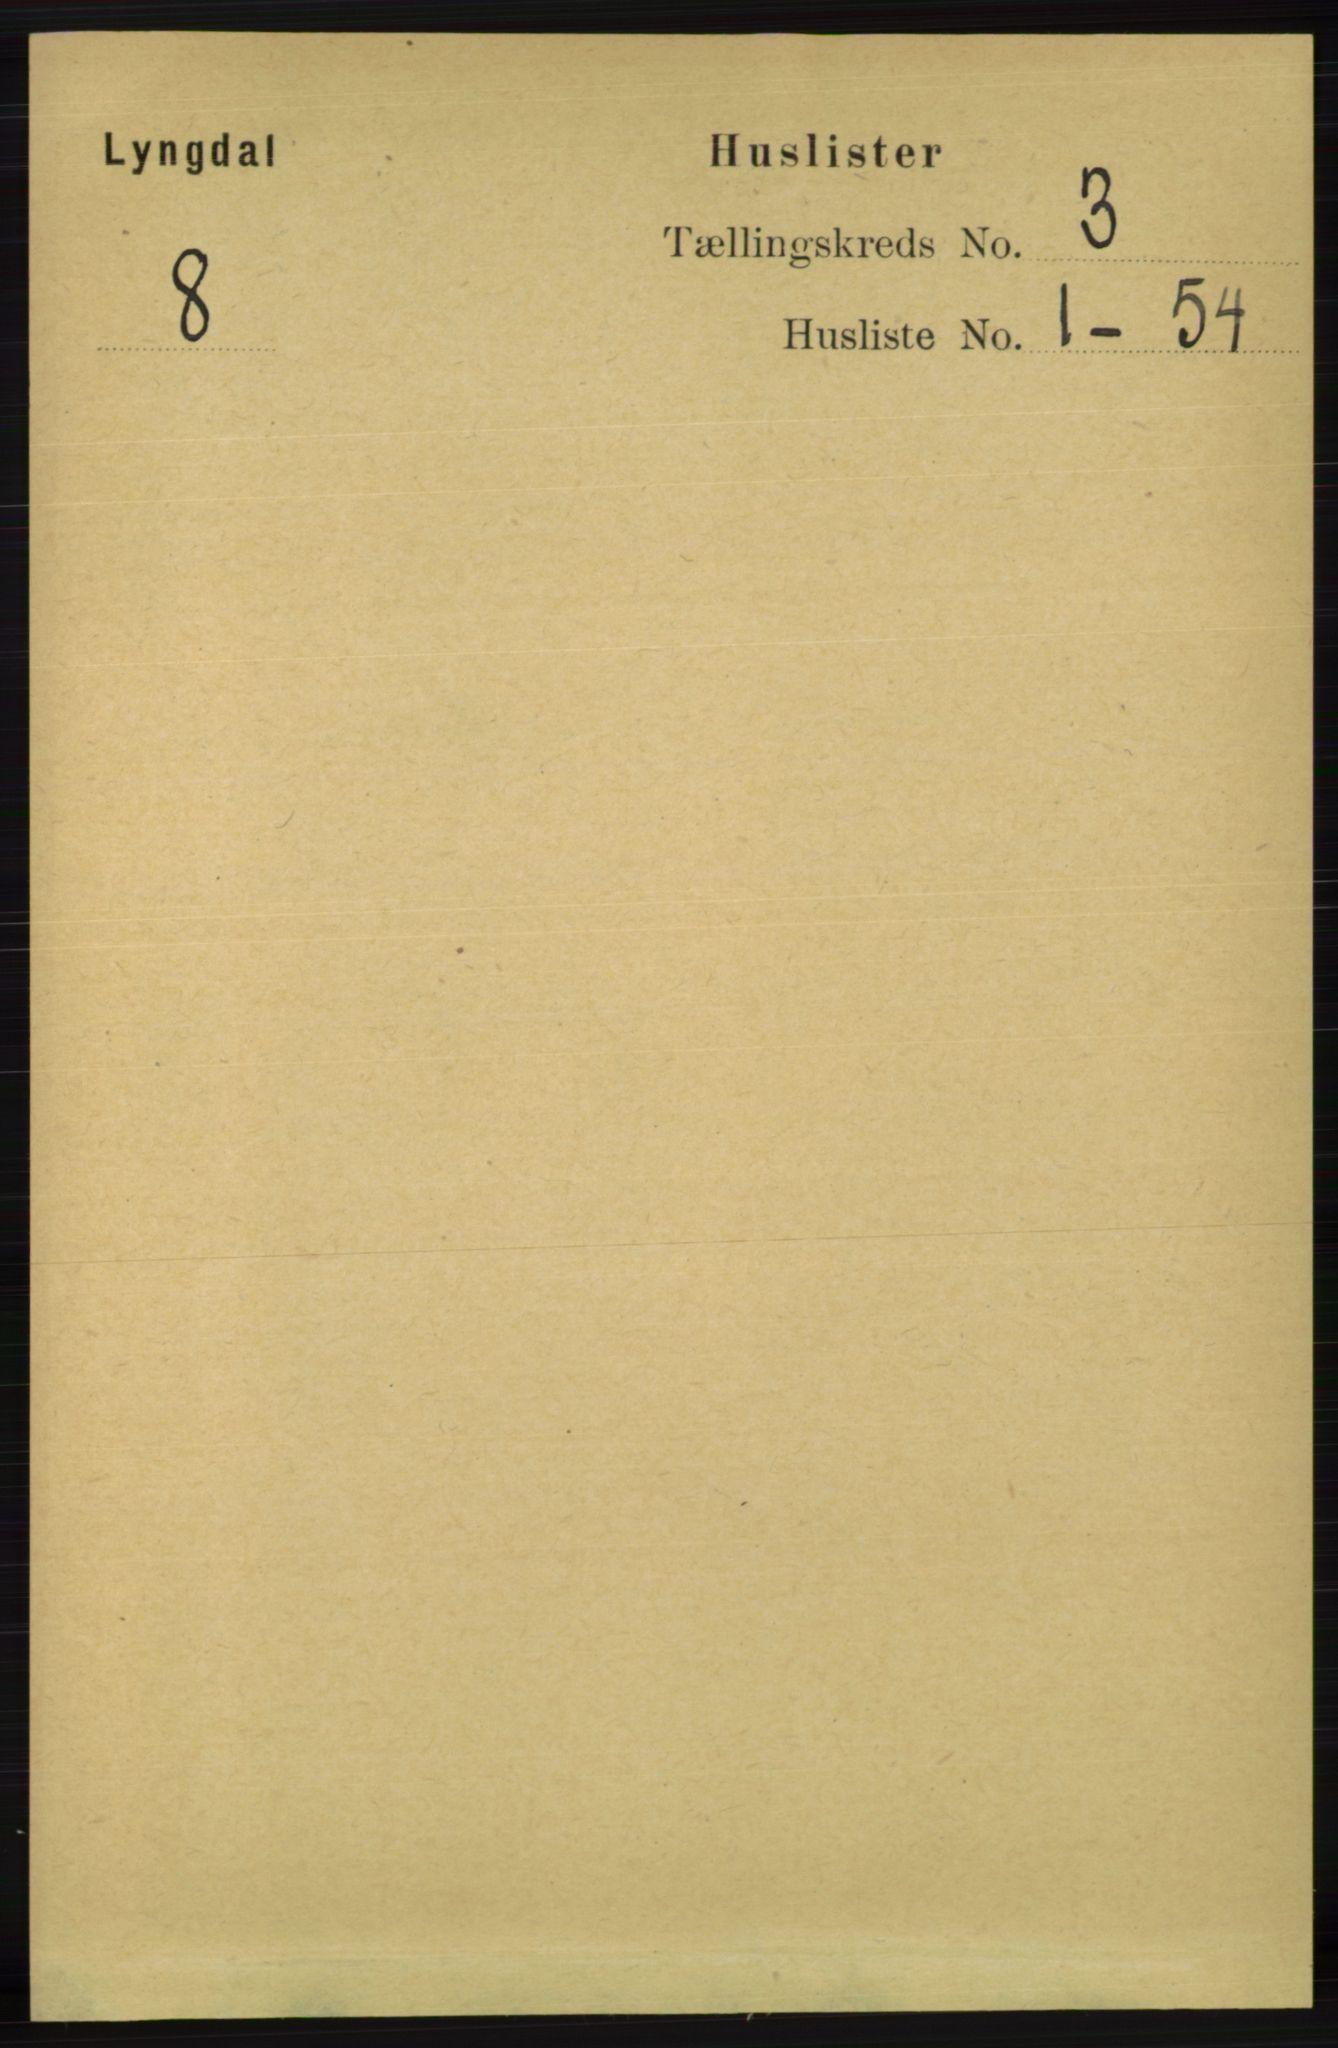 RA, Folketelling 1891 for 1032 Lyngdal herred, 1891, s. 1029